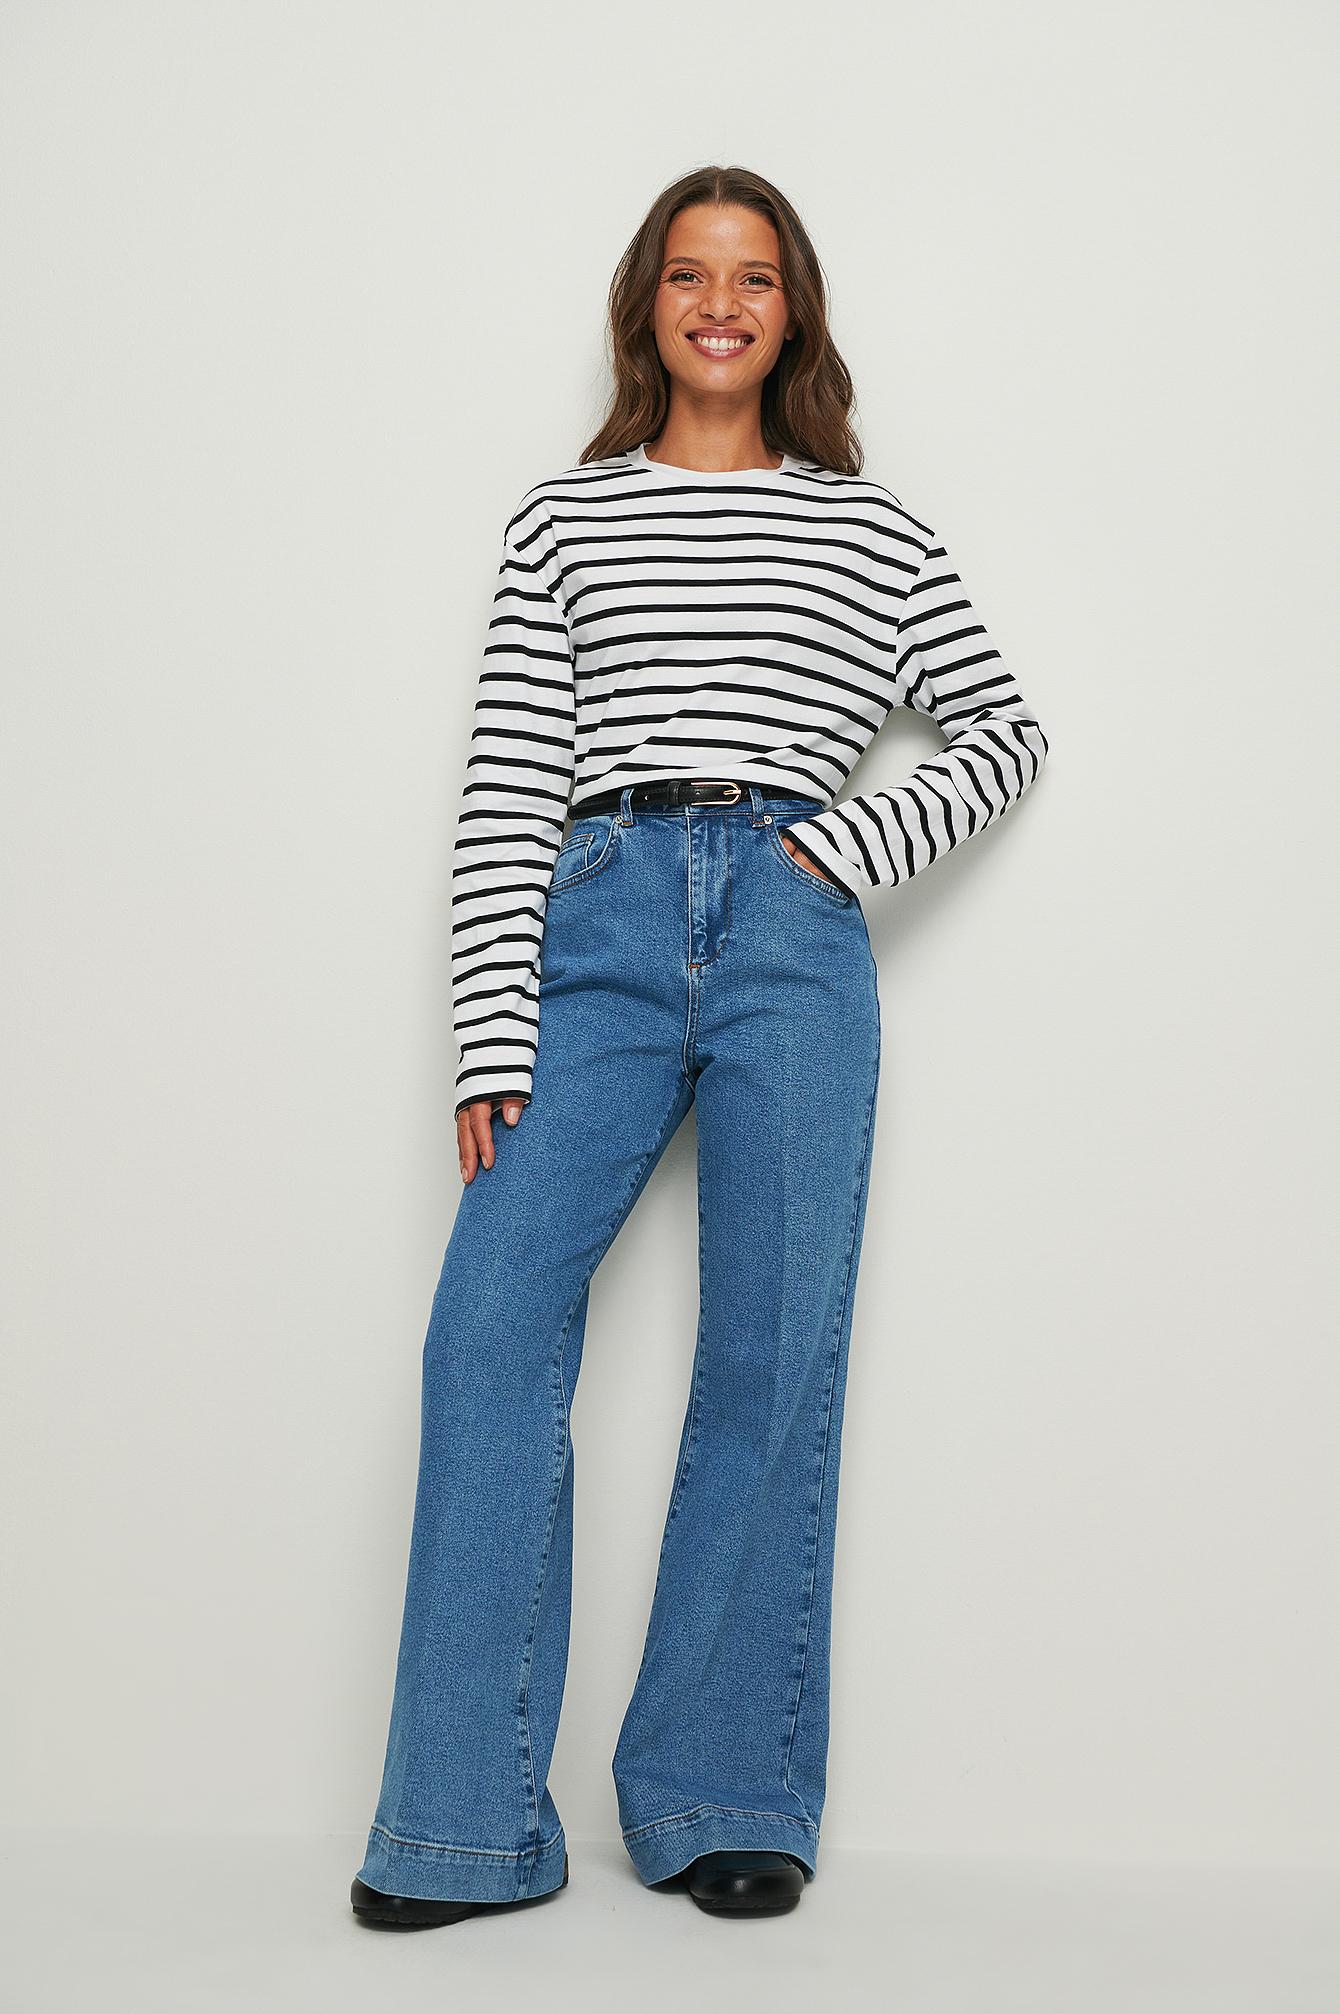 NA-KD Trend Genanvendte 70'ernes Jeans Med Vide Ben - Blue